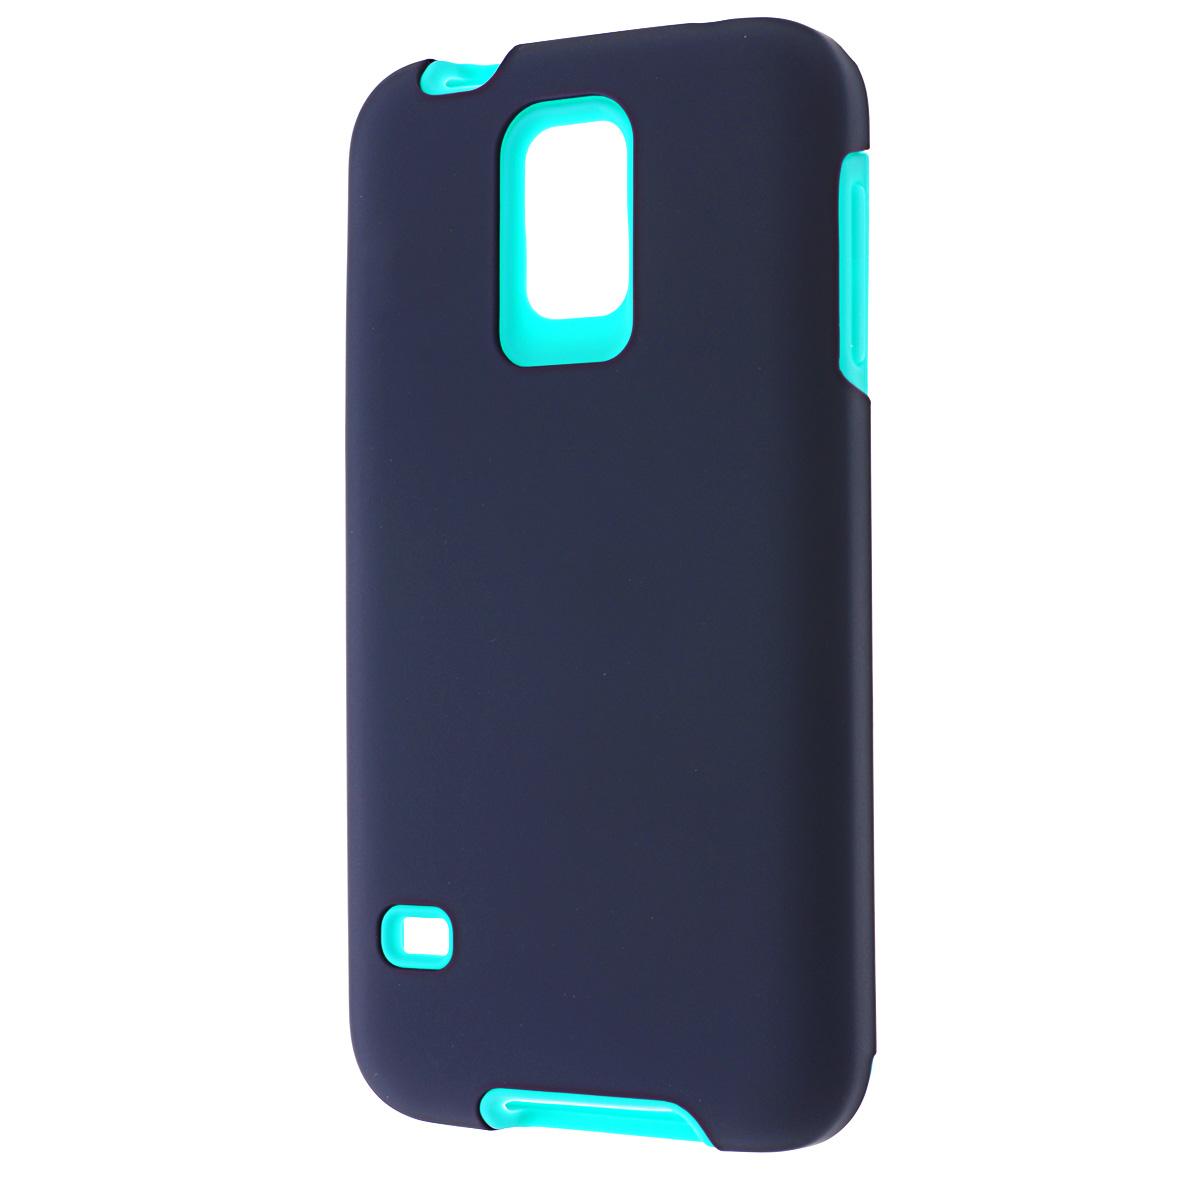 Nexx Antishock Regular чехол для Samsung Galaxy S5, BlueNX-MB-AS-202DBЧехол Nexx Antishock Regular весом менее 50 г и толщиной менее 3 мм, состоит из 2-х компонентов - прочная верхняя панель и силиконовый вкладыш. Данная конструкция позволяет увеличить защиту Вашего телефона в несколько раз, не утяжеляя его. Коллекция Antishock порадует вас широким выбором насыщенных цветов на любой вкус и настроение.